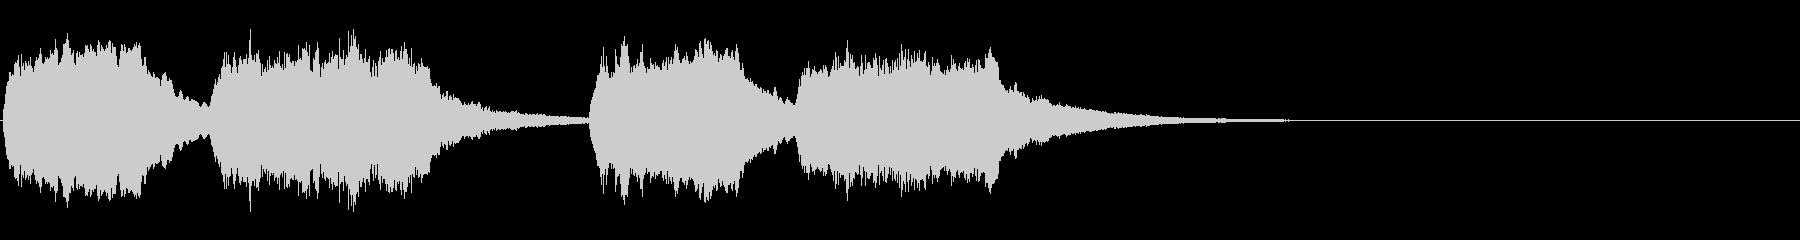 トッカータとフーガ(悲しい時のBGM)の未再生の波形